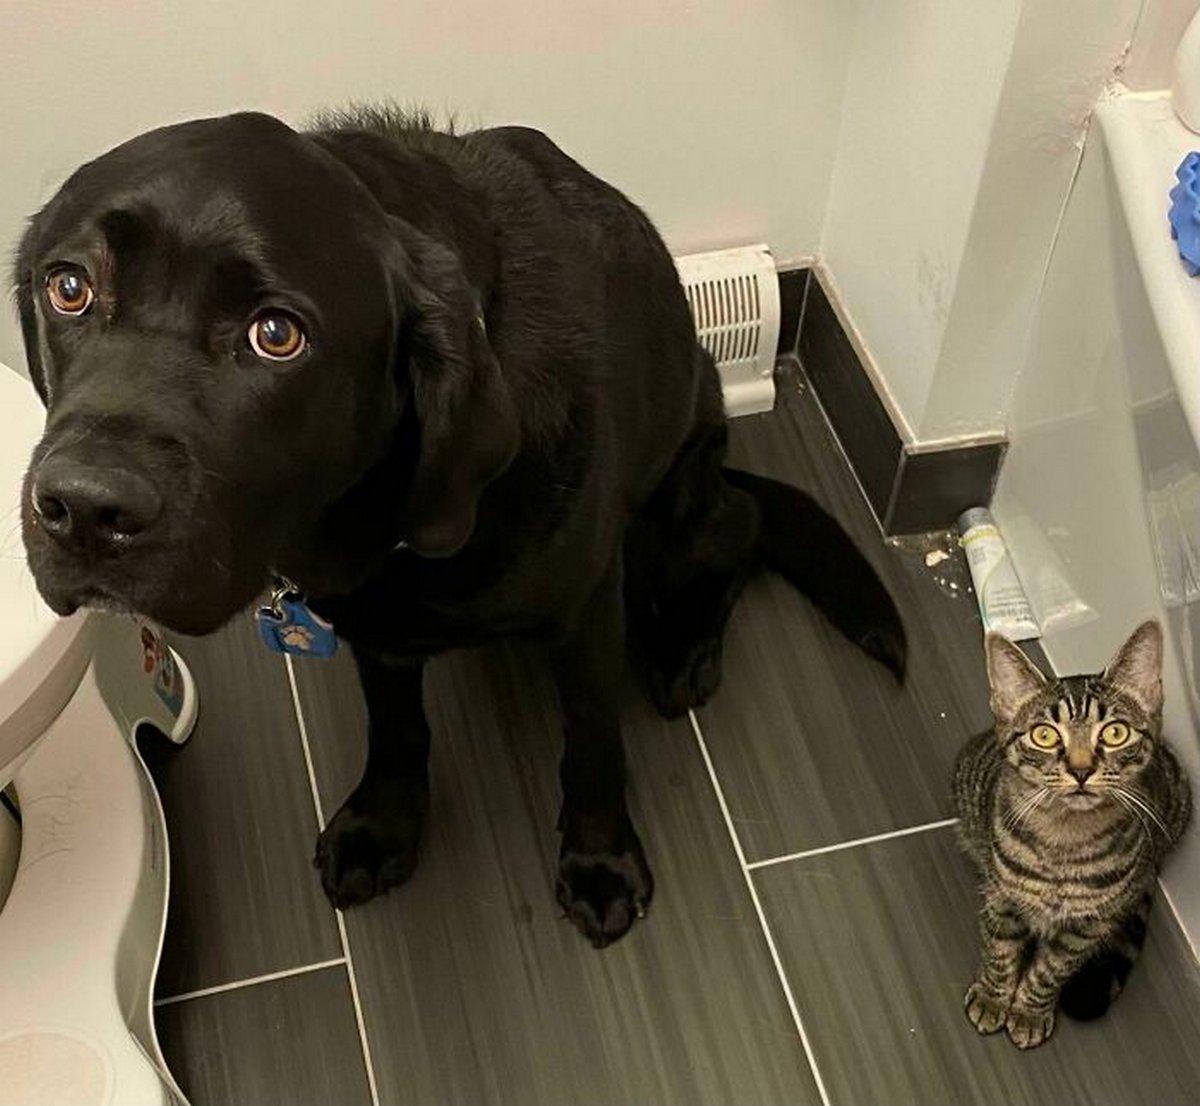 «Qu'est-ce qu'il a, ton chien?» : des gens partagent des photos de leurs chiens «défectueux» dans ce groupe en ligne